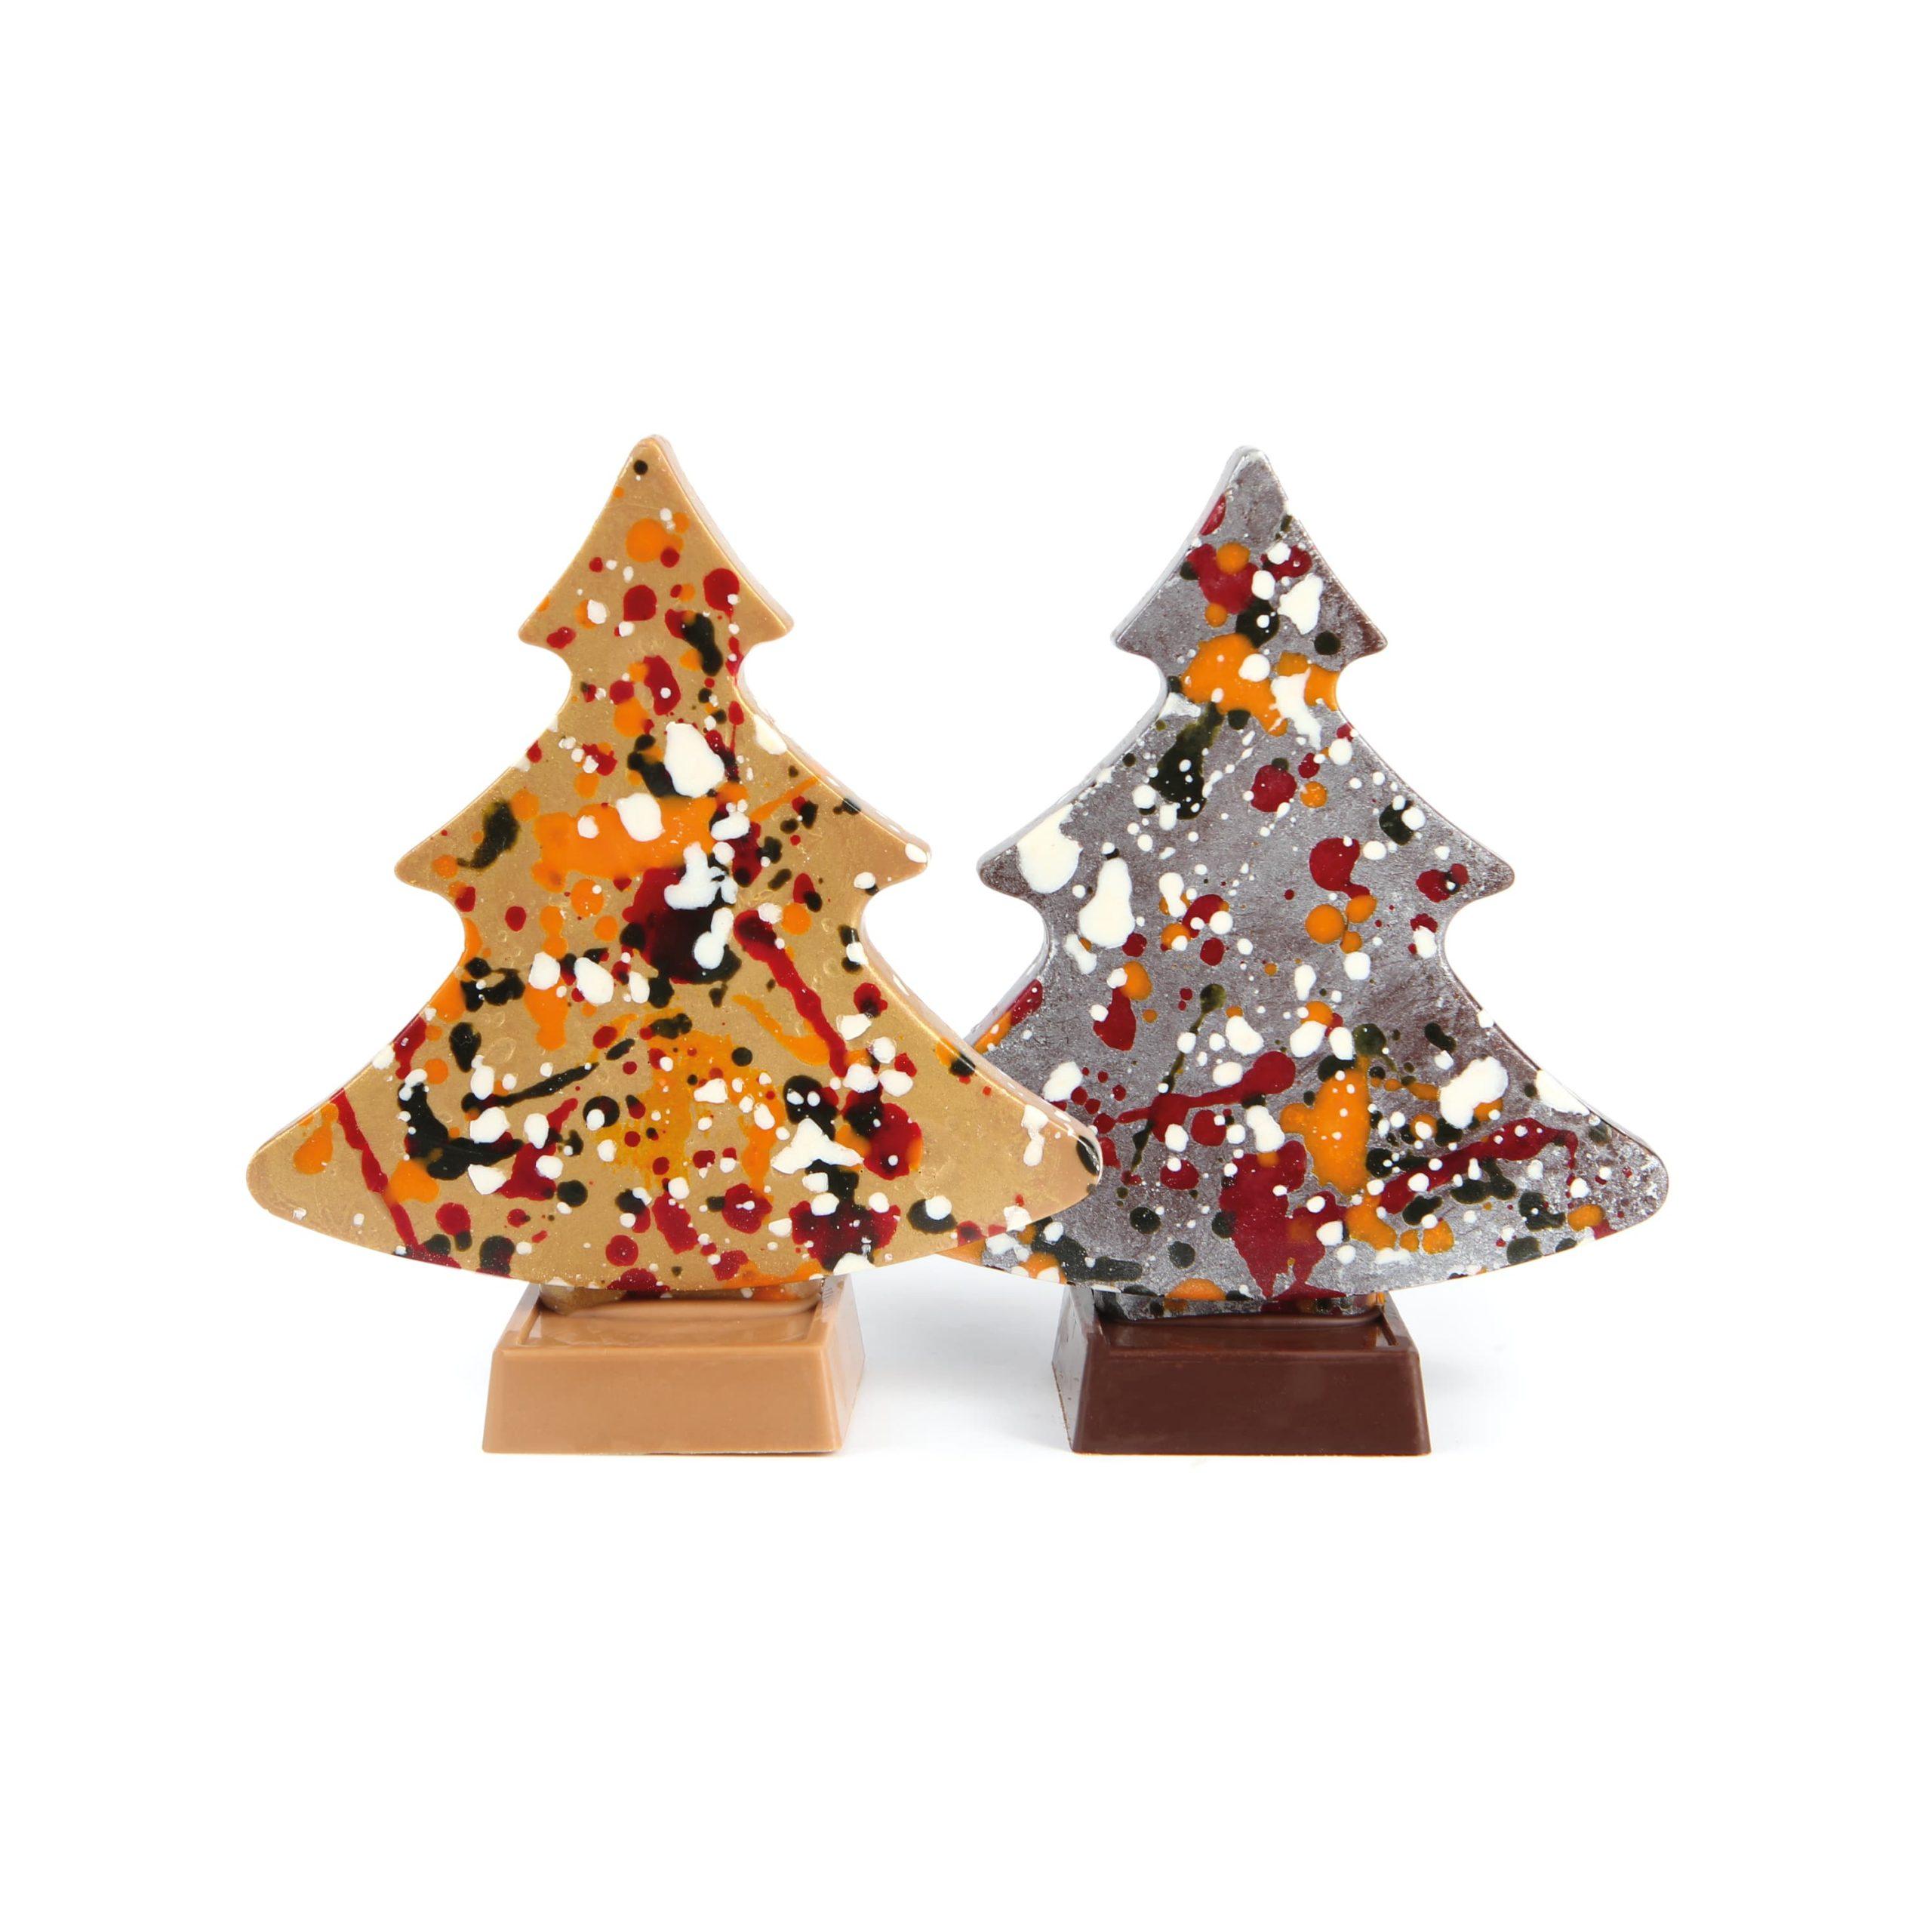 Kerst Bomen - Art Kerstbomen - Puur en Melk